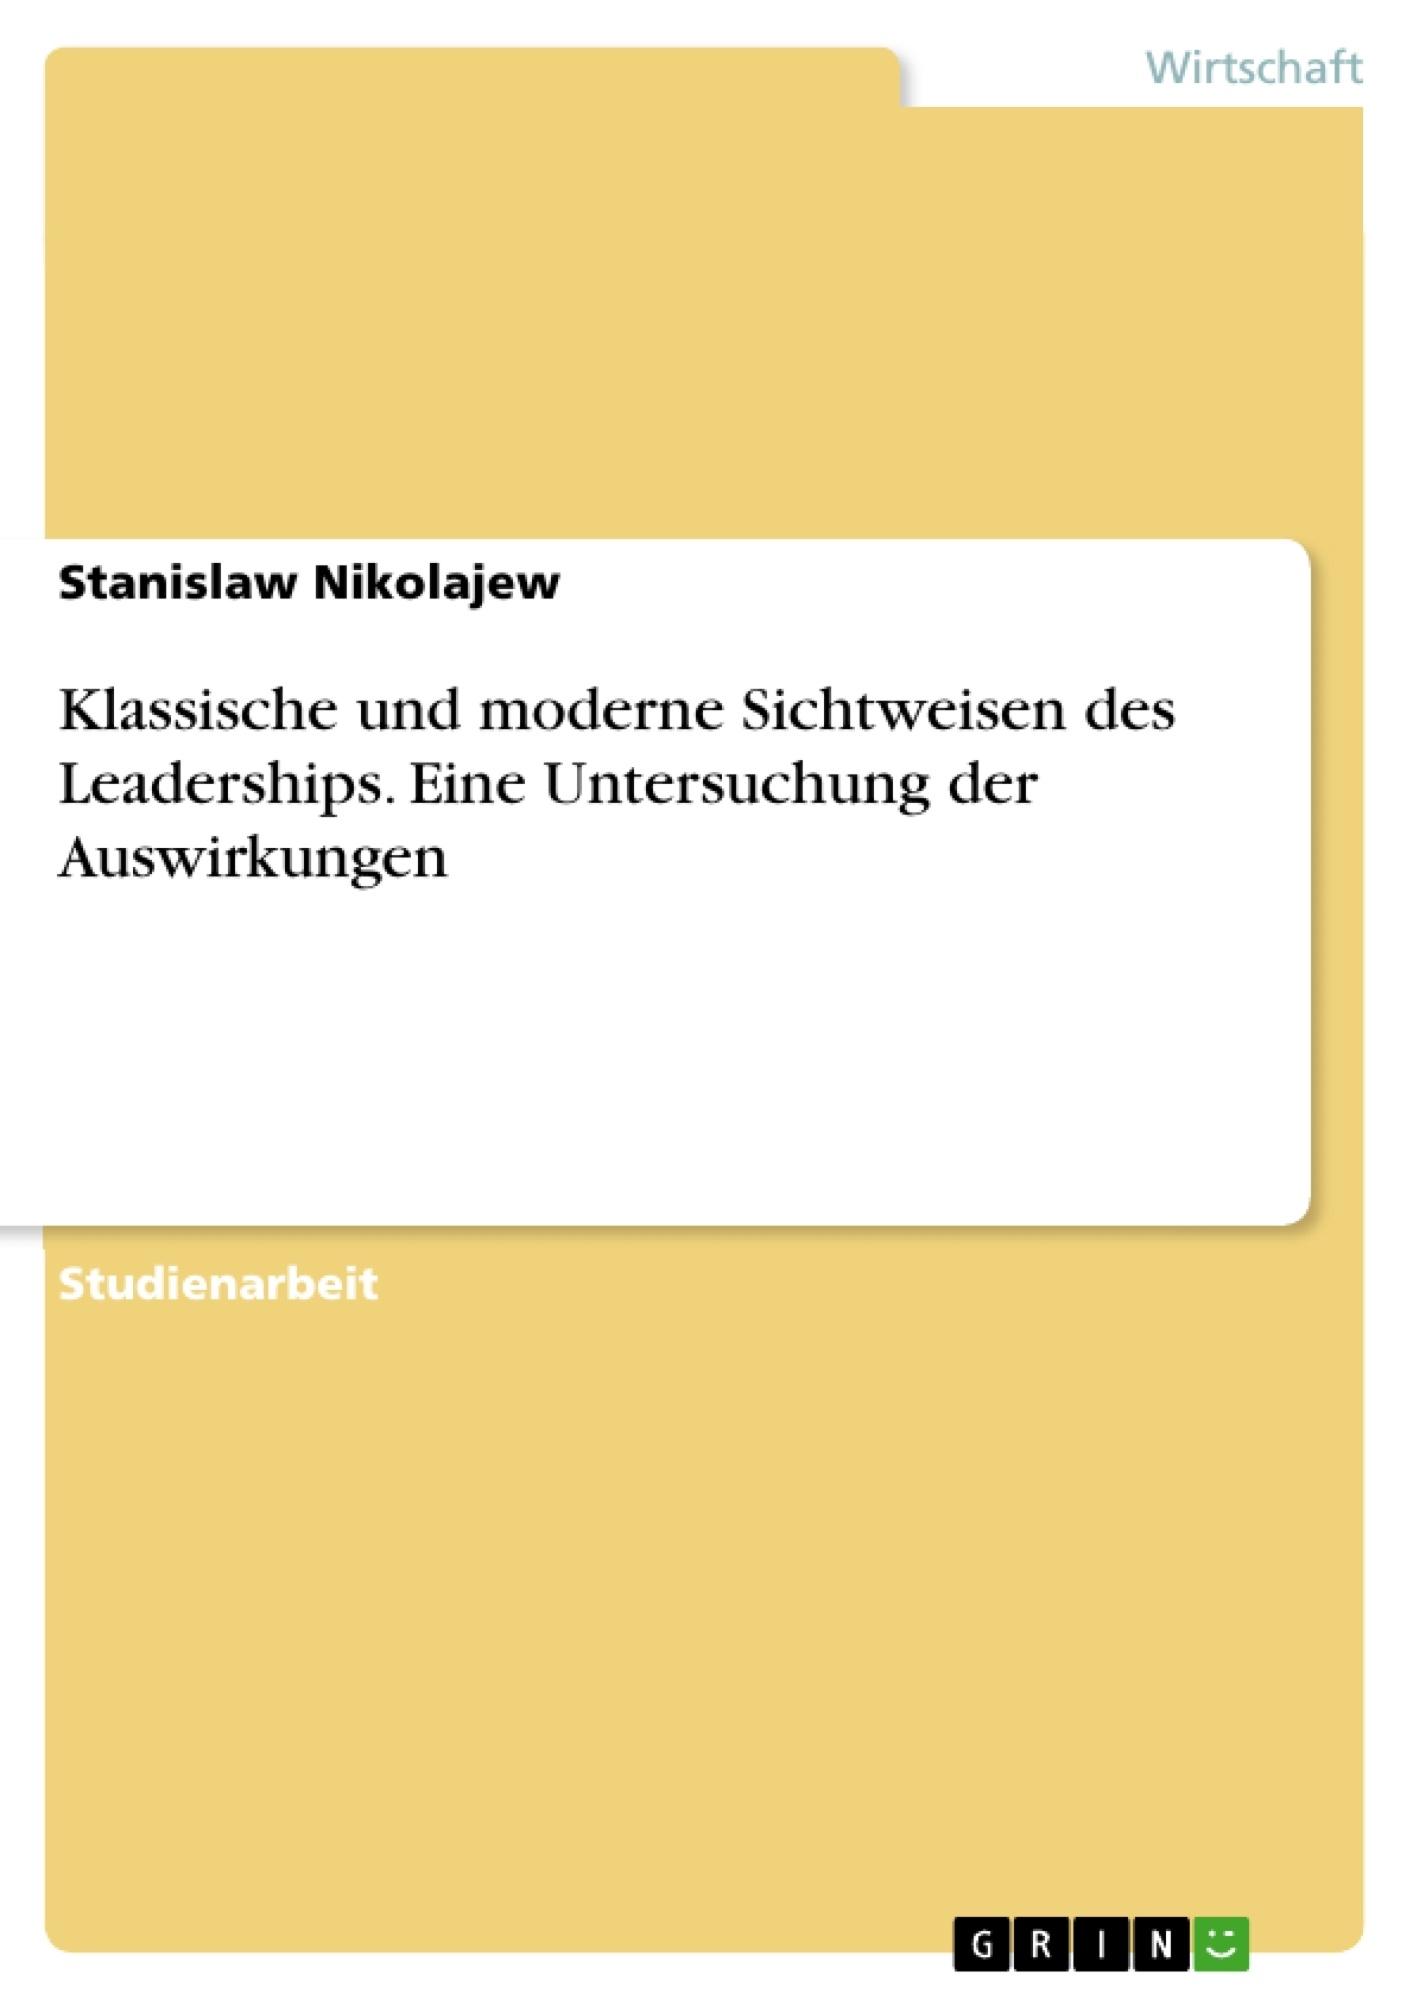 Titel: Klassische und moderne Sichtweisen des Leaderships. Eine Untersuchung der Auswirkungen